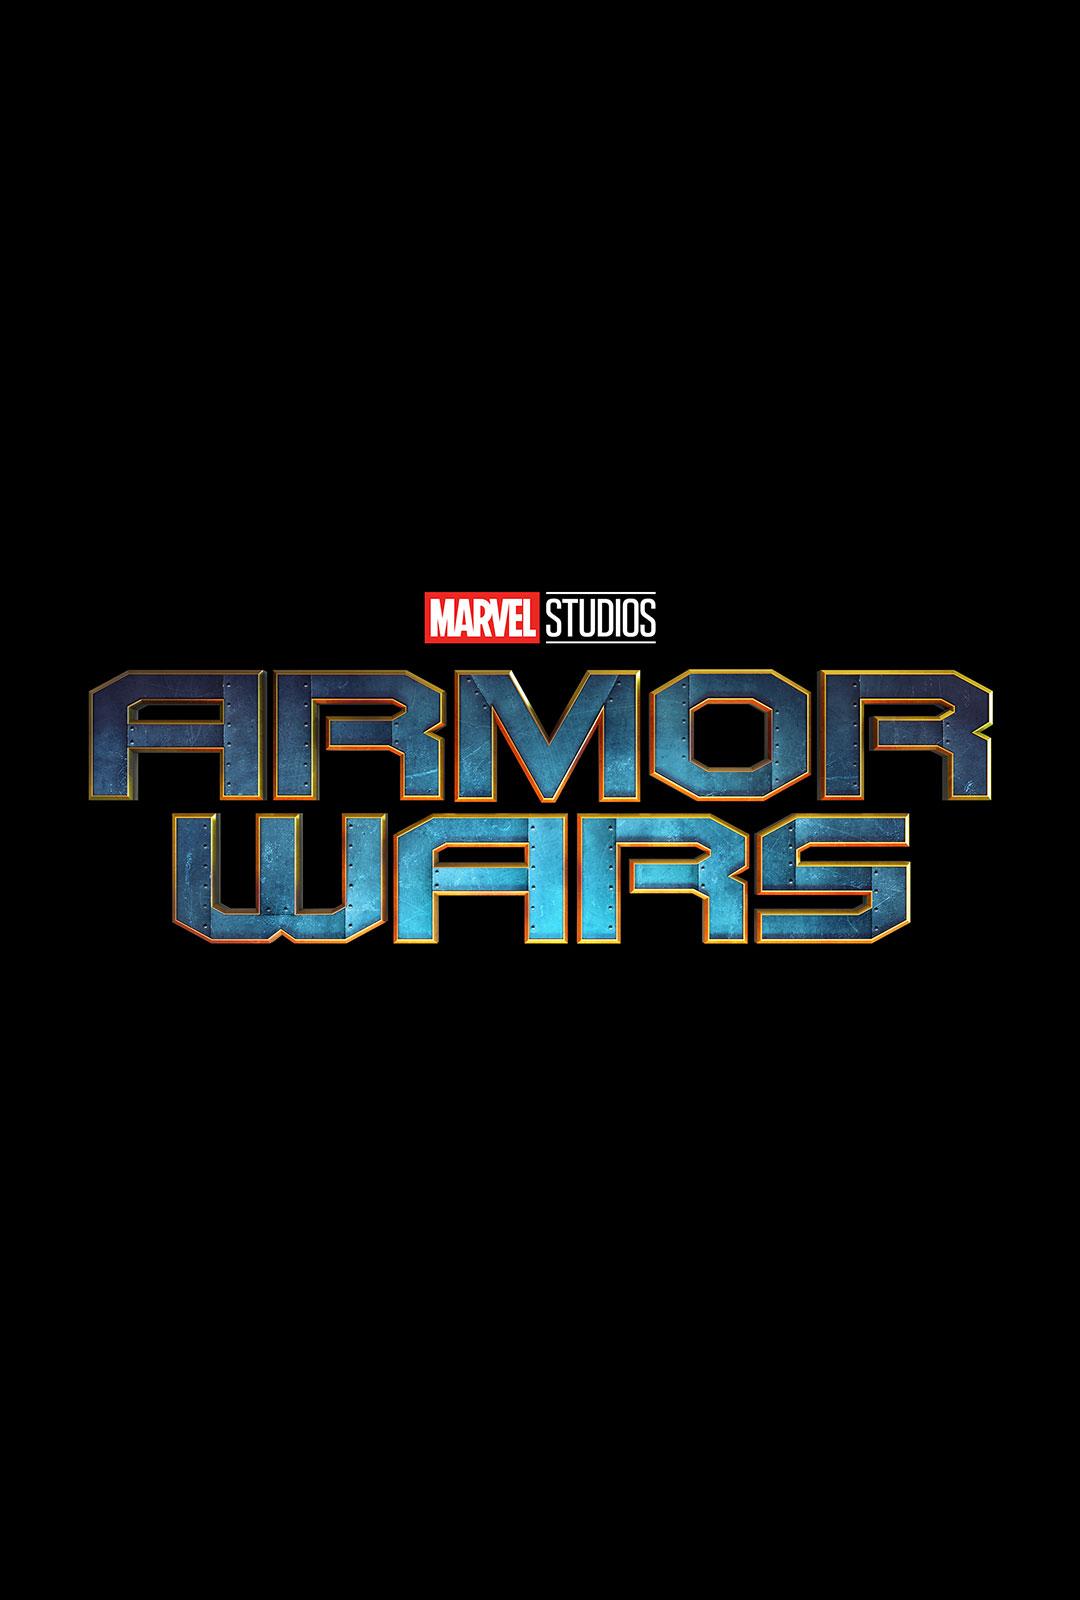 affiche poster armor wars disney marvel